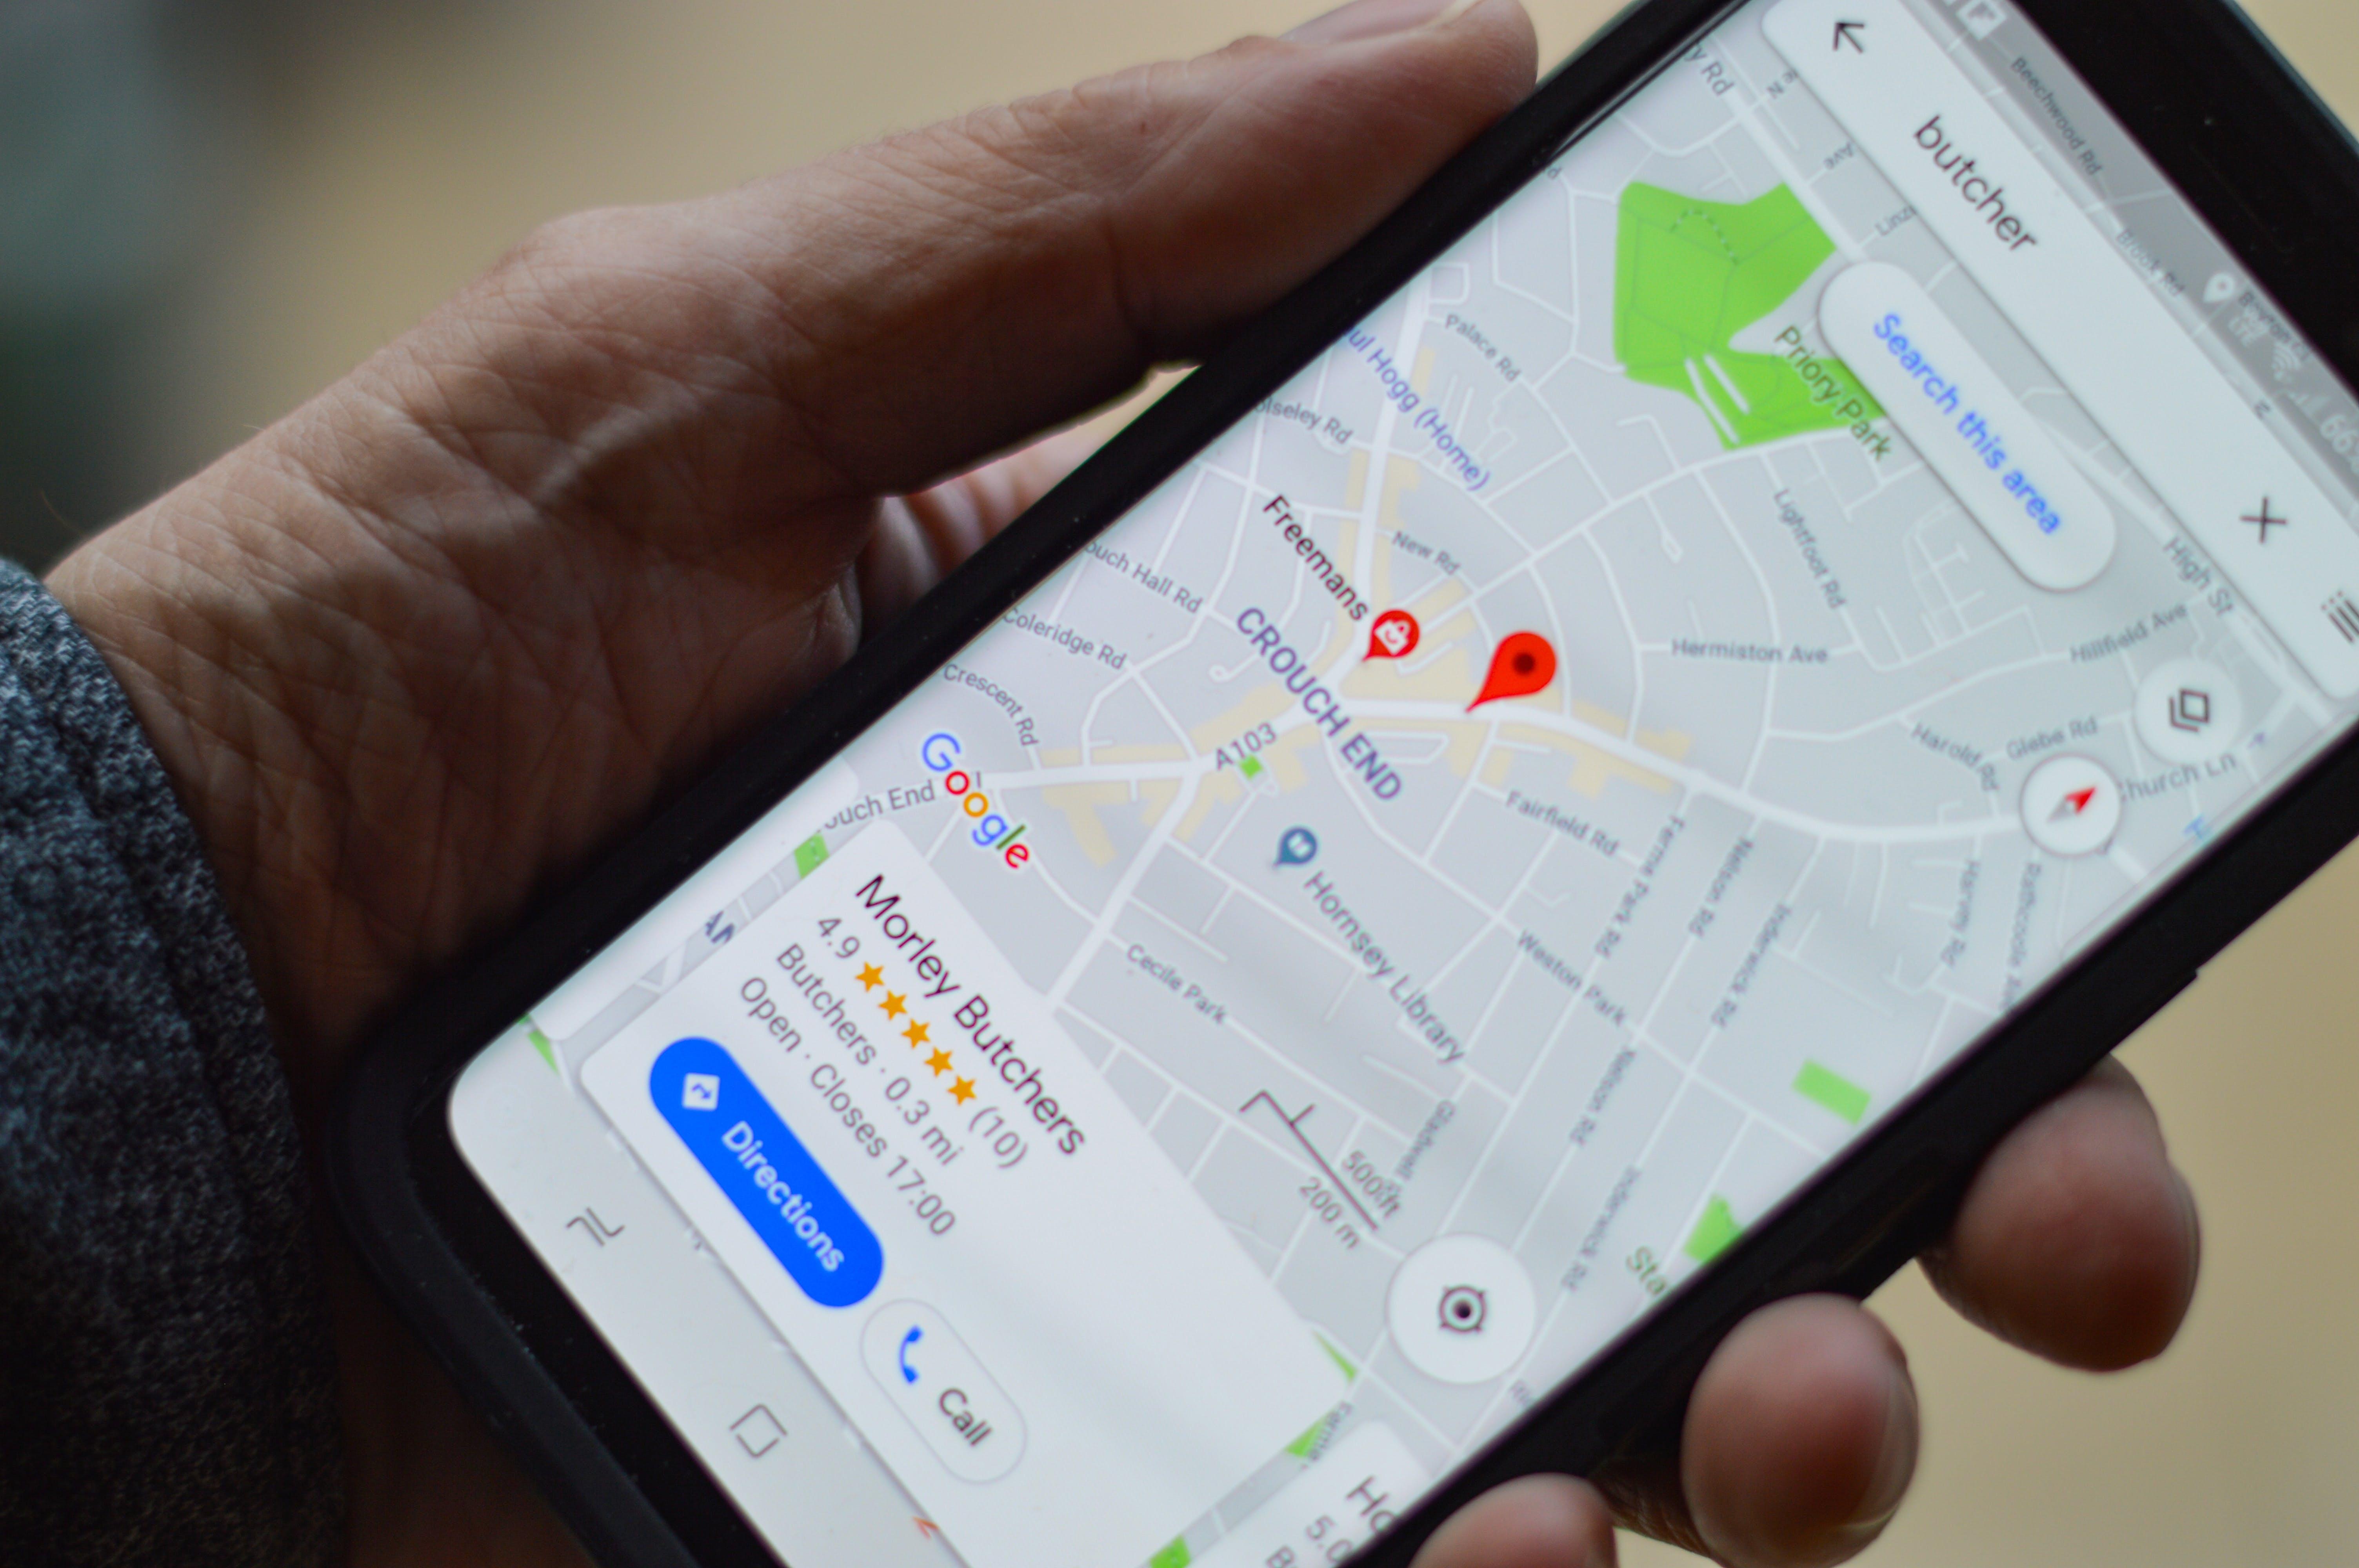 Persona con aplicación de mapas en su móvil